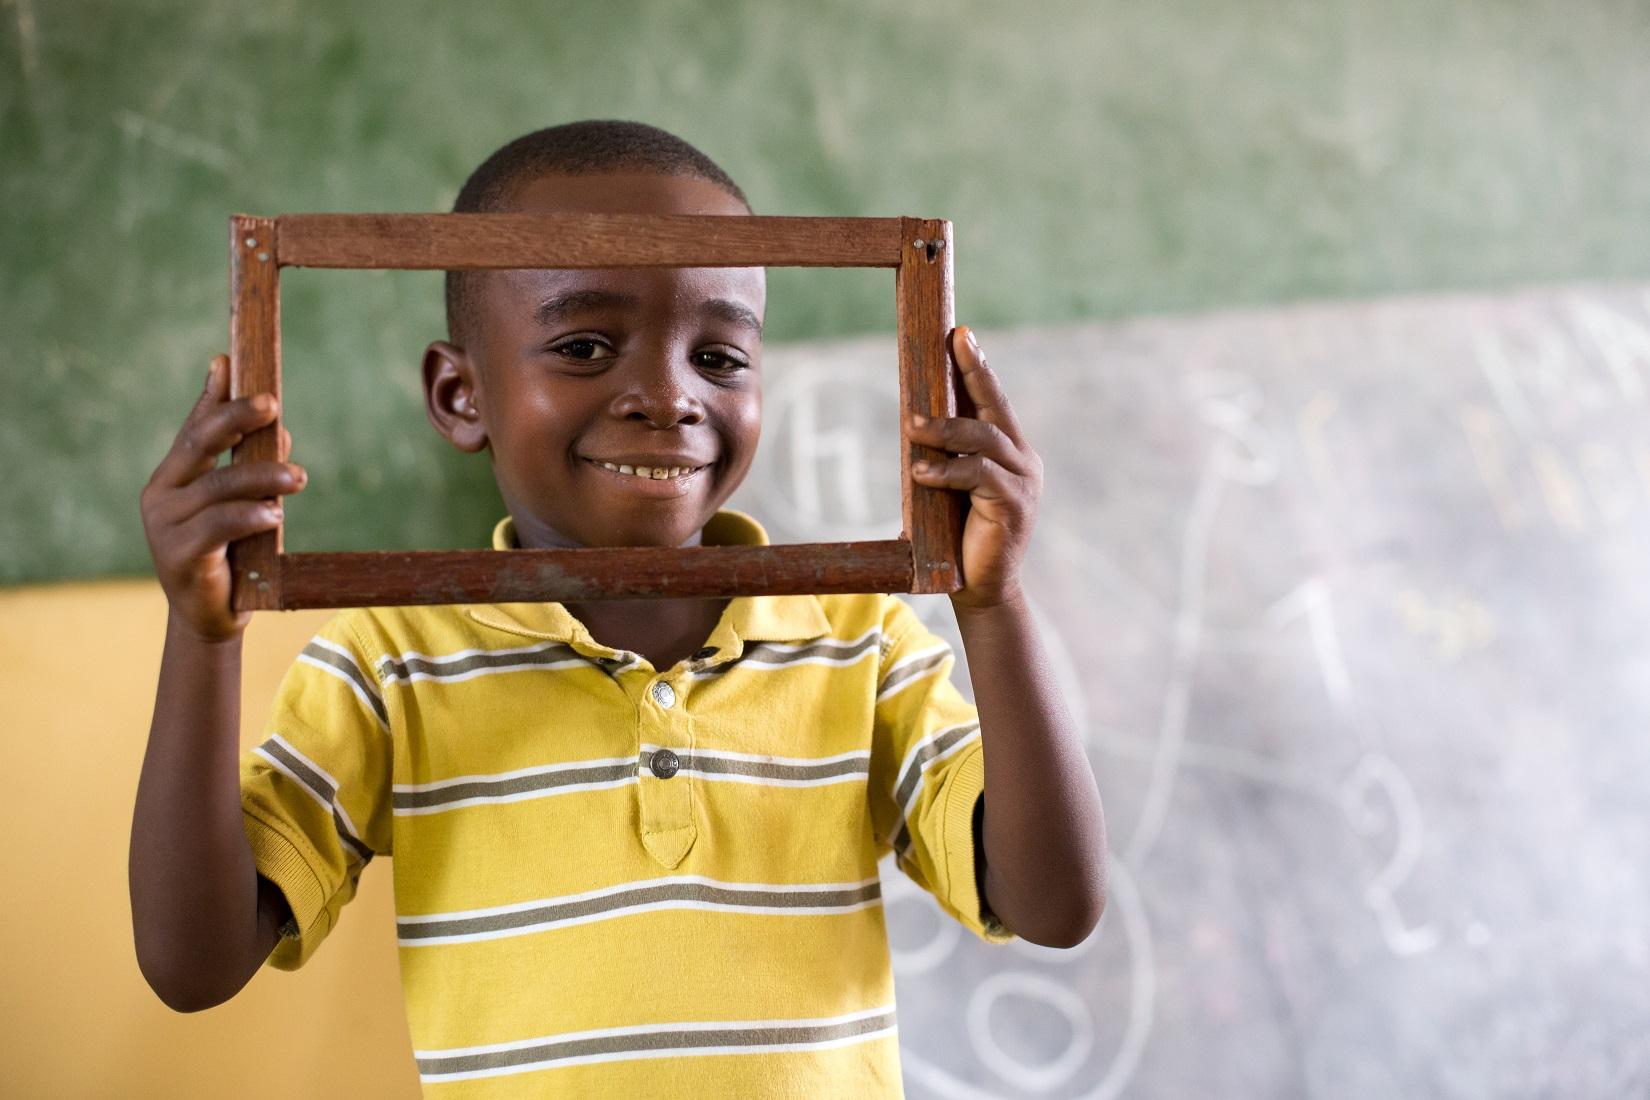 1 enfant sur 2 n'a pas d'identité en Afrique